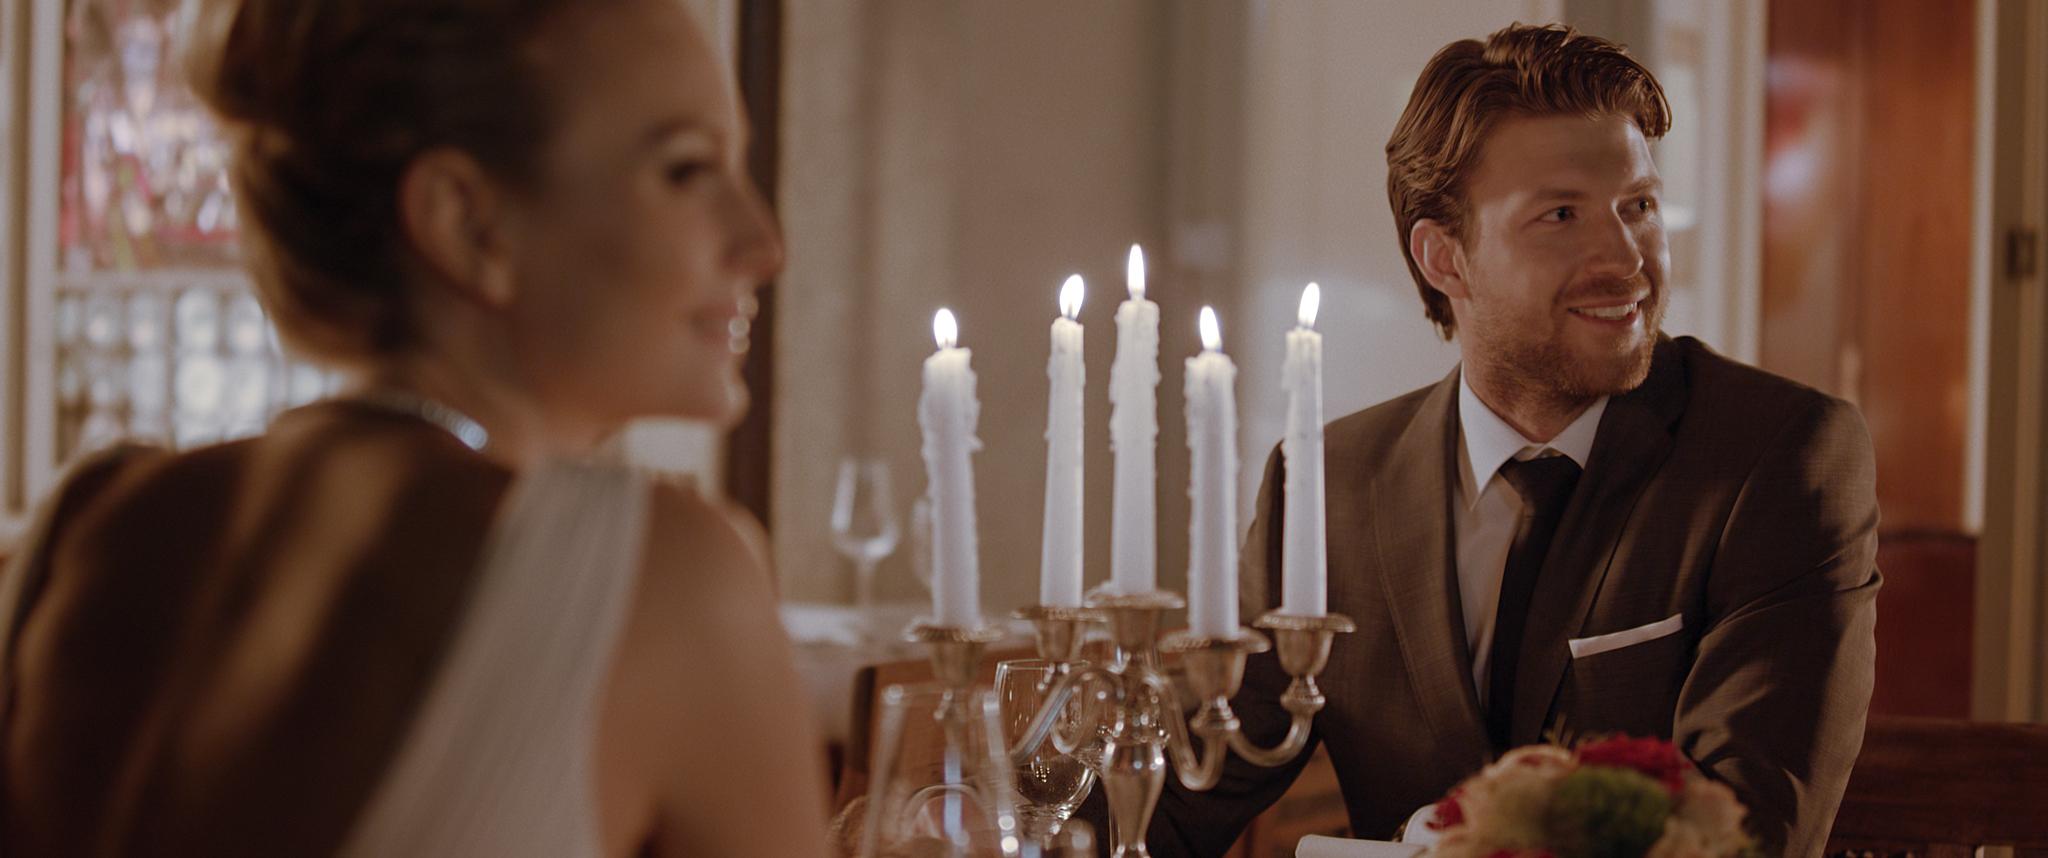 """Standbild des Imagefilms """"Erbprinz - Der Film"""" von der Candle Light Szene von Jafura - Ihrer Filmproduktion für Werbefilm und Imagefilm in Freiburg."""